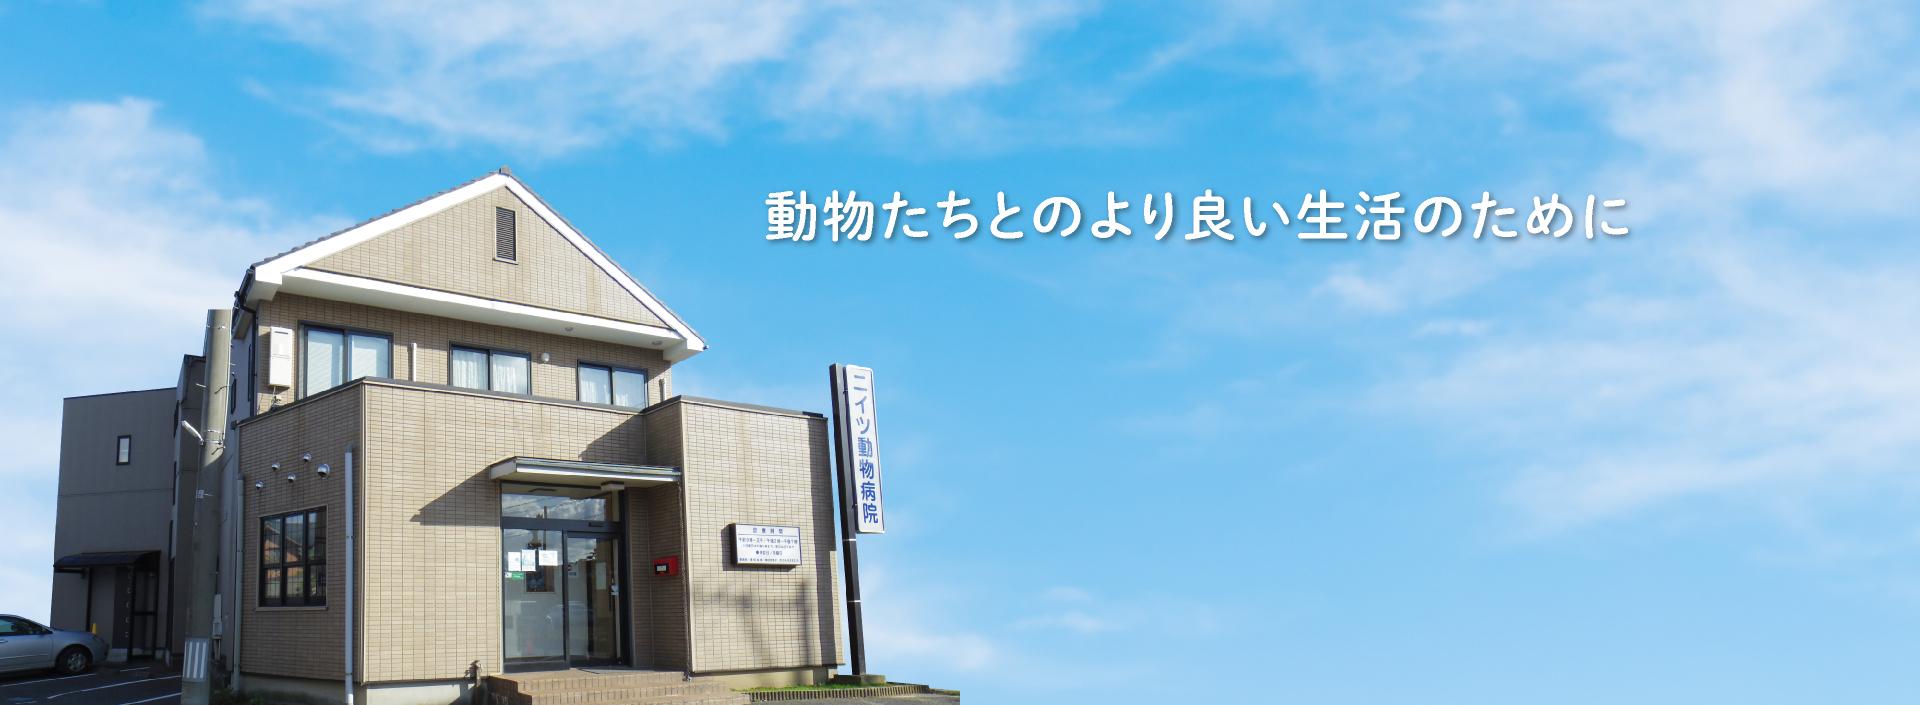 新潟市秋葉区ニイツ動物病院